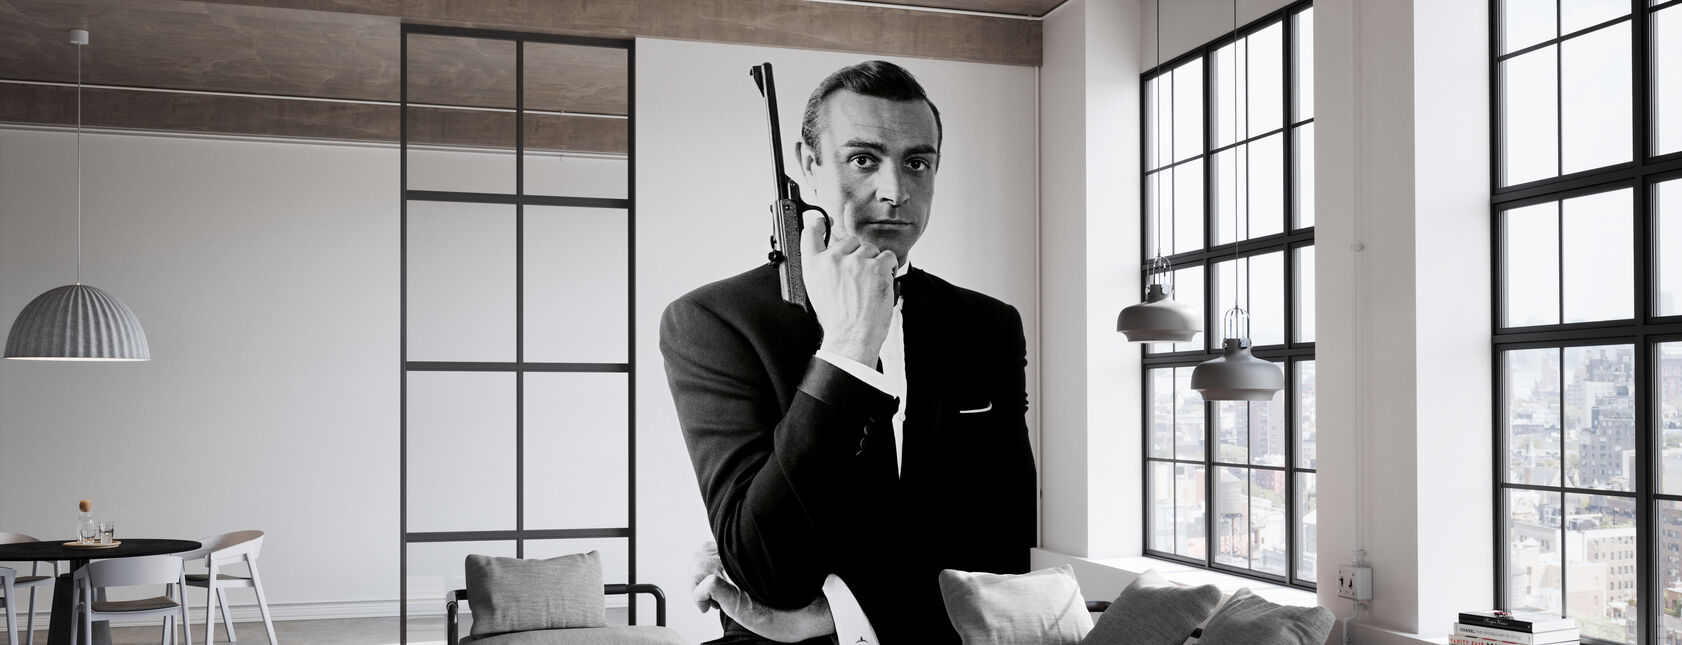 James Bond Dr Nei - Tapet - Kontor